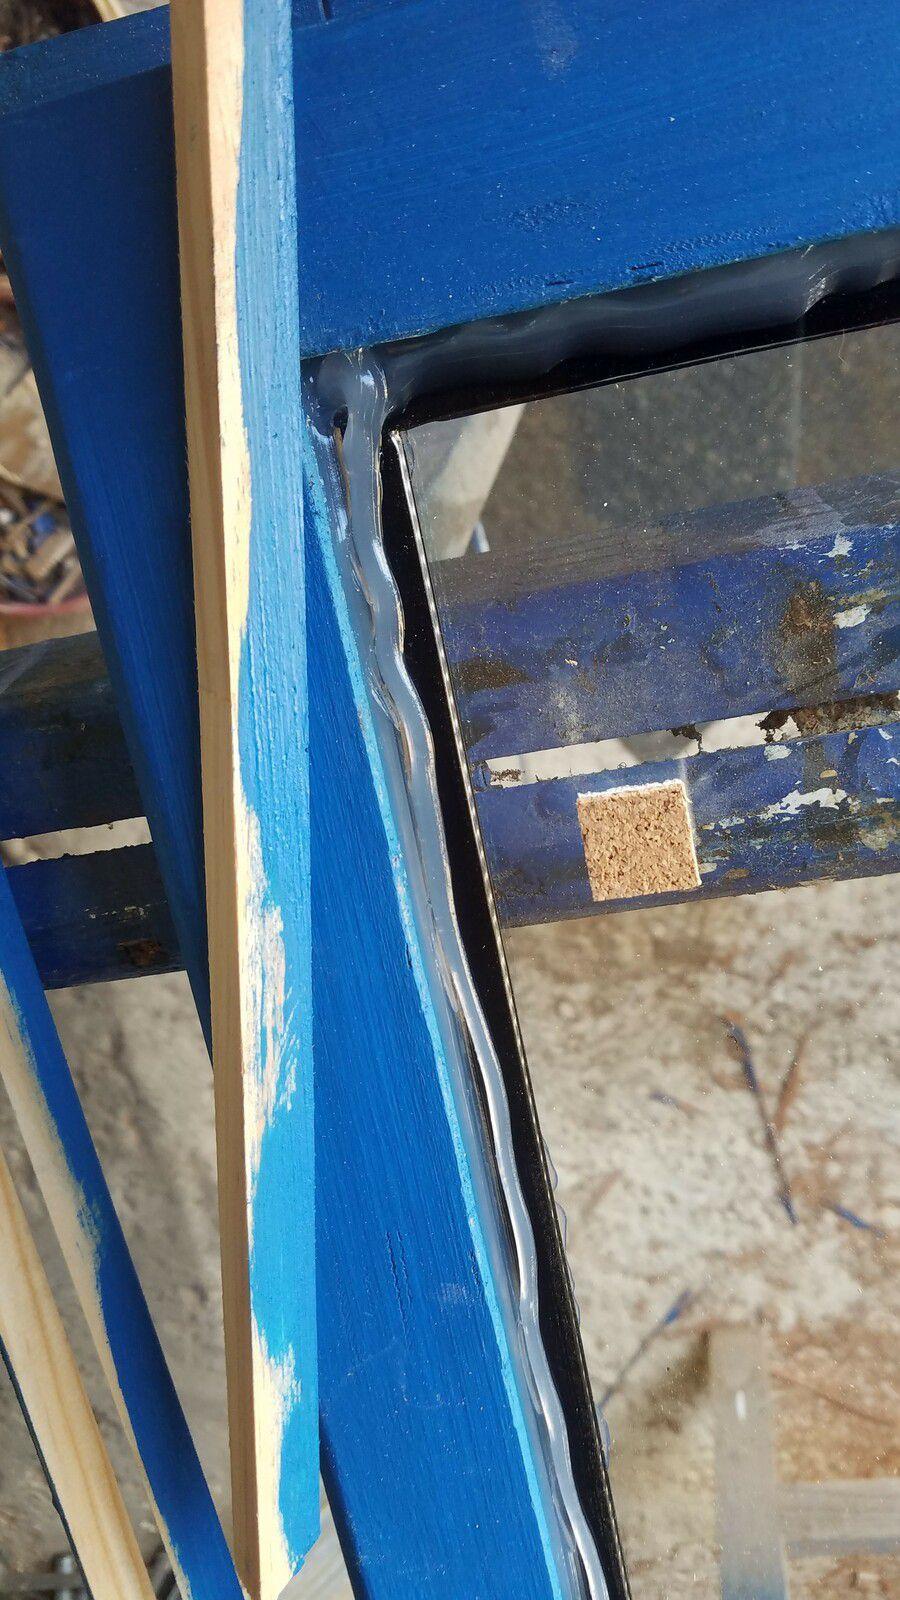 silicone invisible en dessous et dessus, découpe de mes baguettes et un peu de peinture sur les faces qui seront en contact avec la vitre, car si non on perçoit le bois naturel